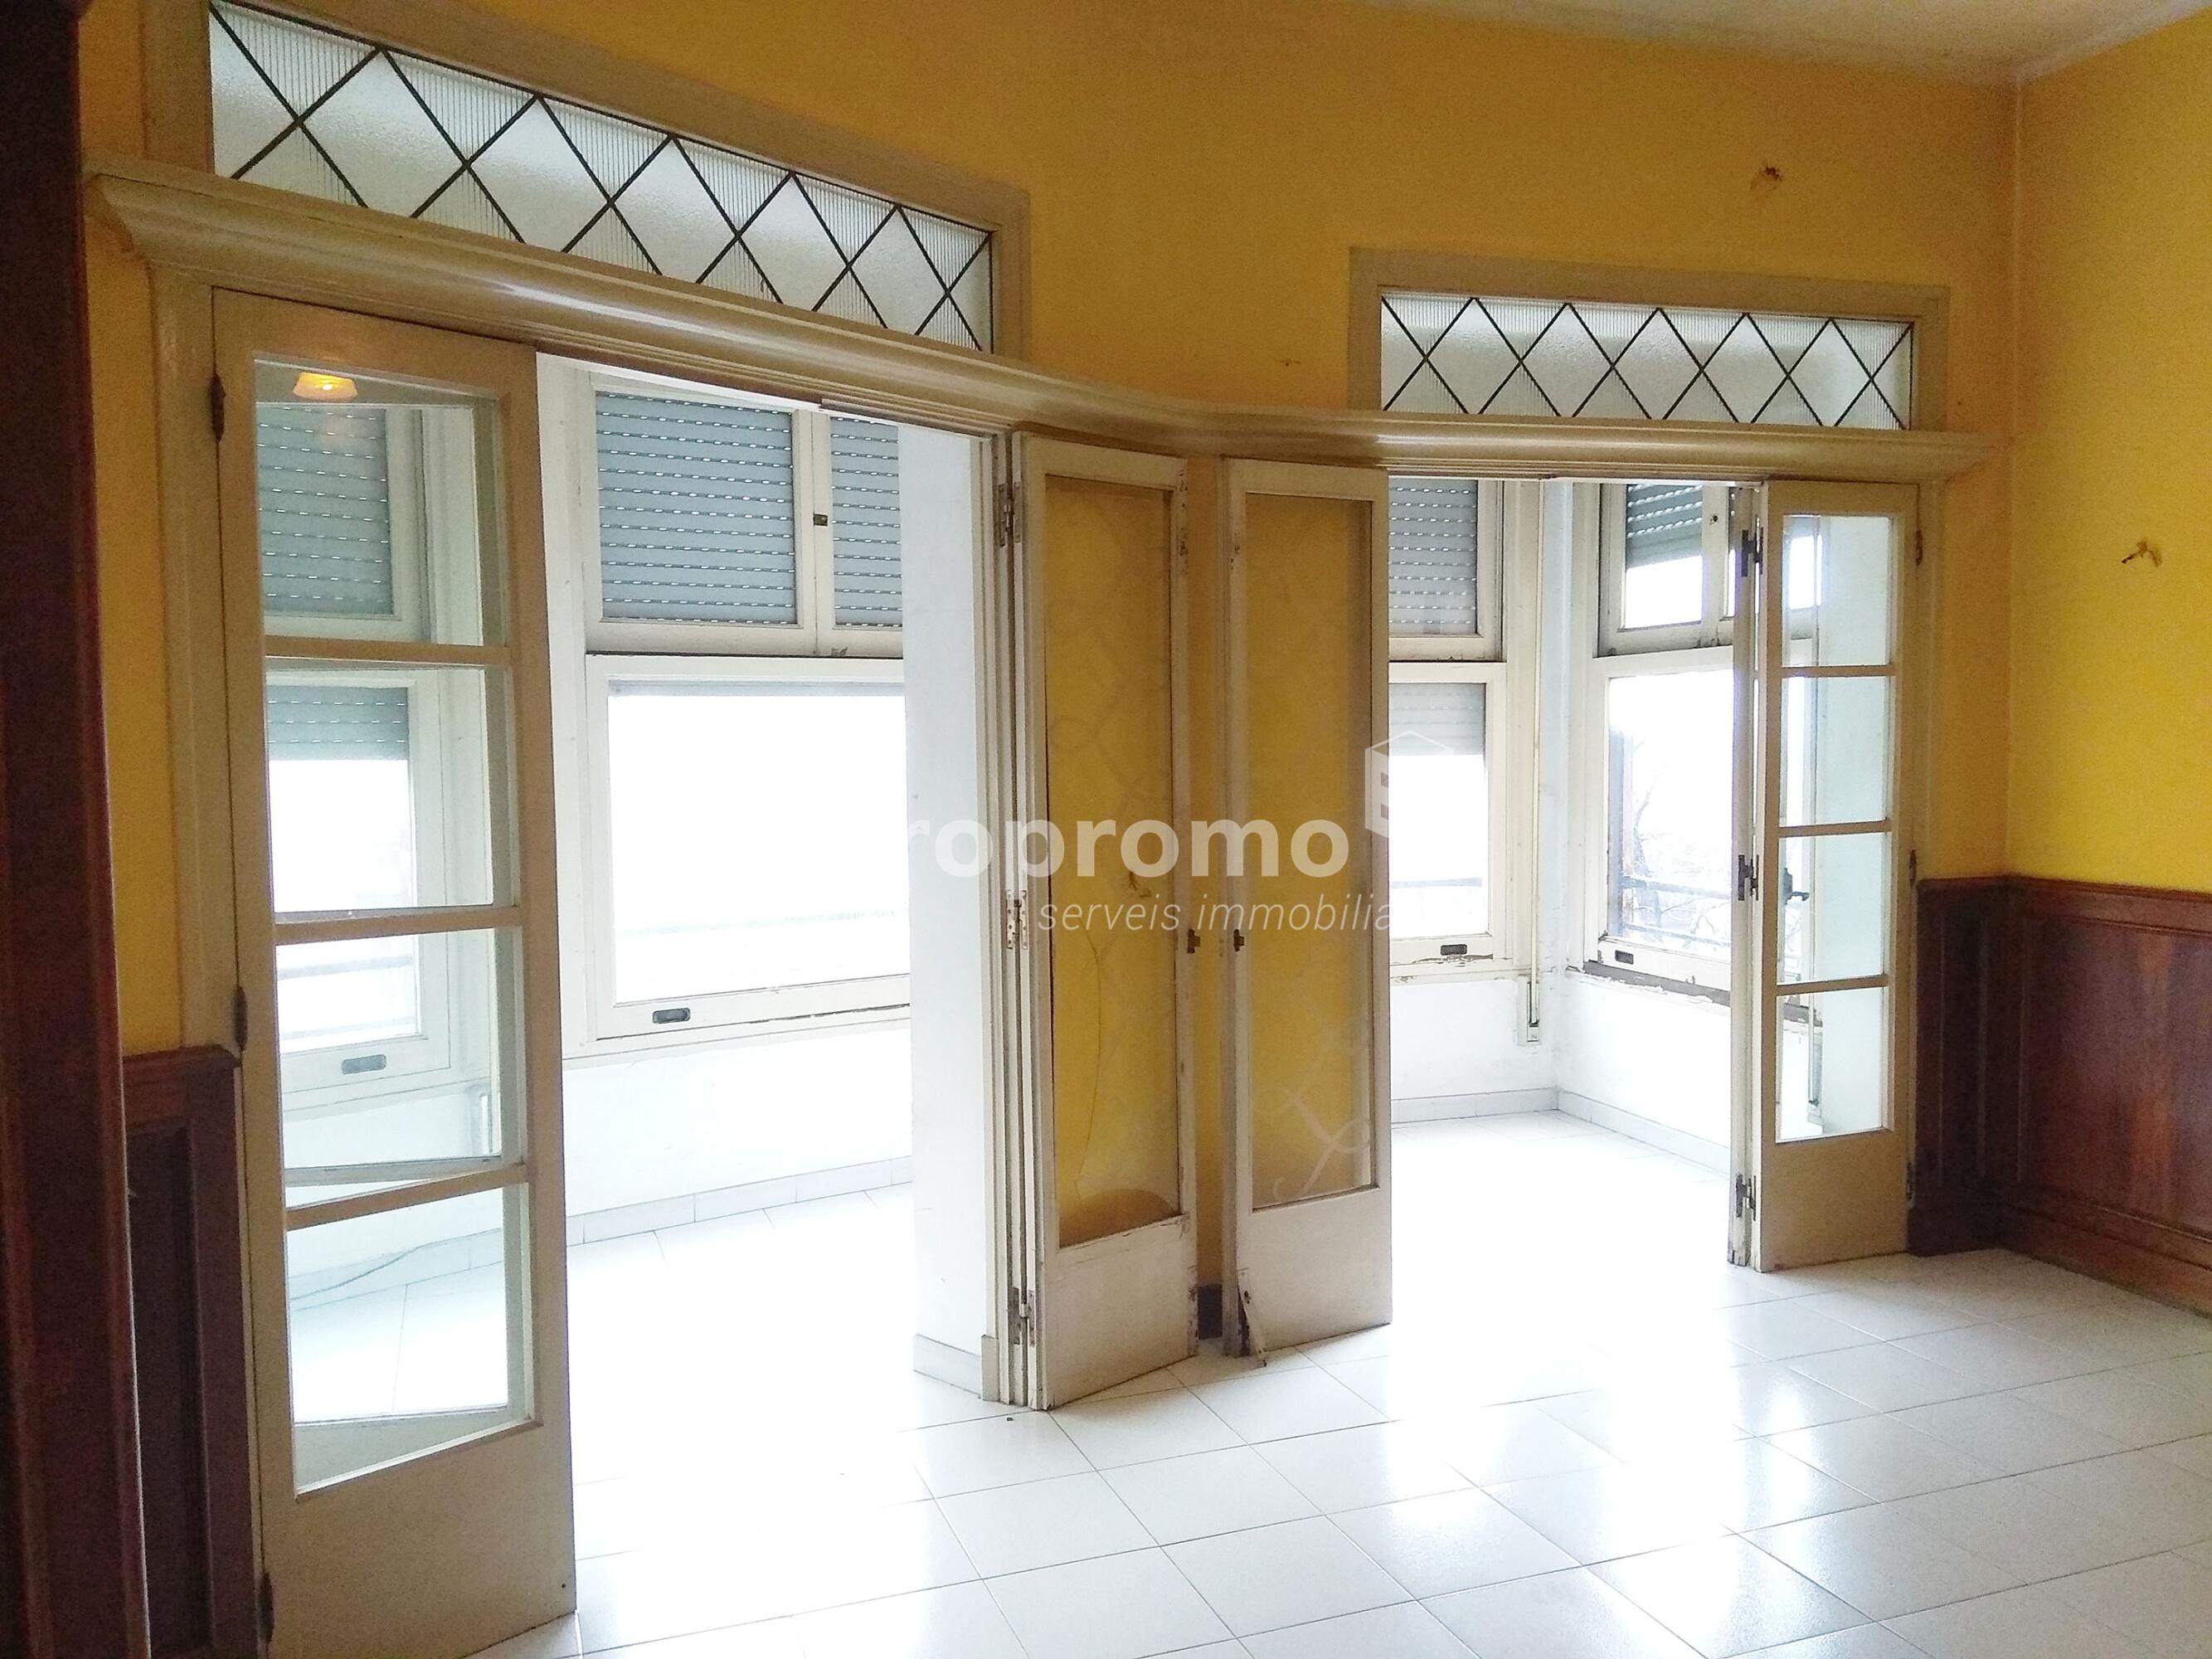 Fantàstic pis de 180 m² al Barri Vell